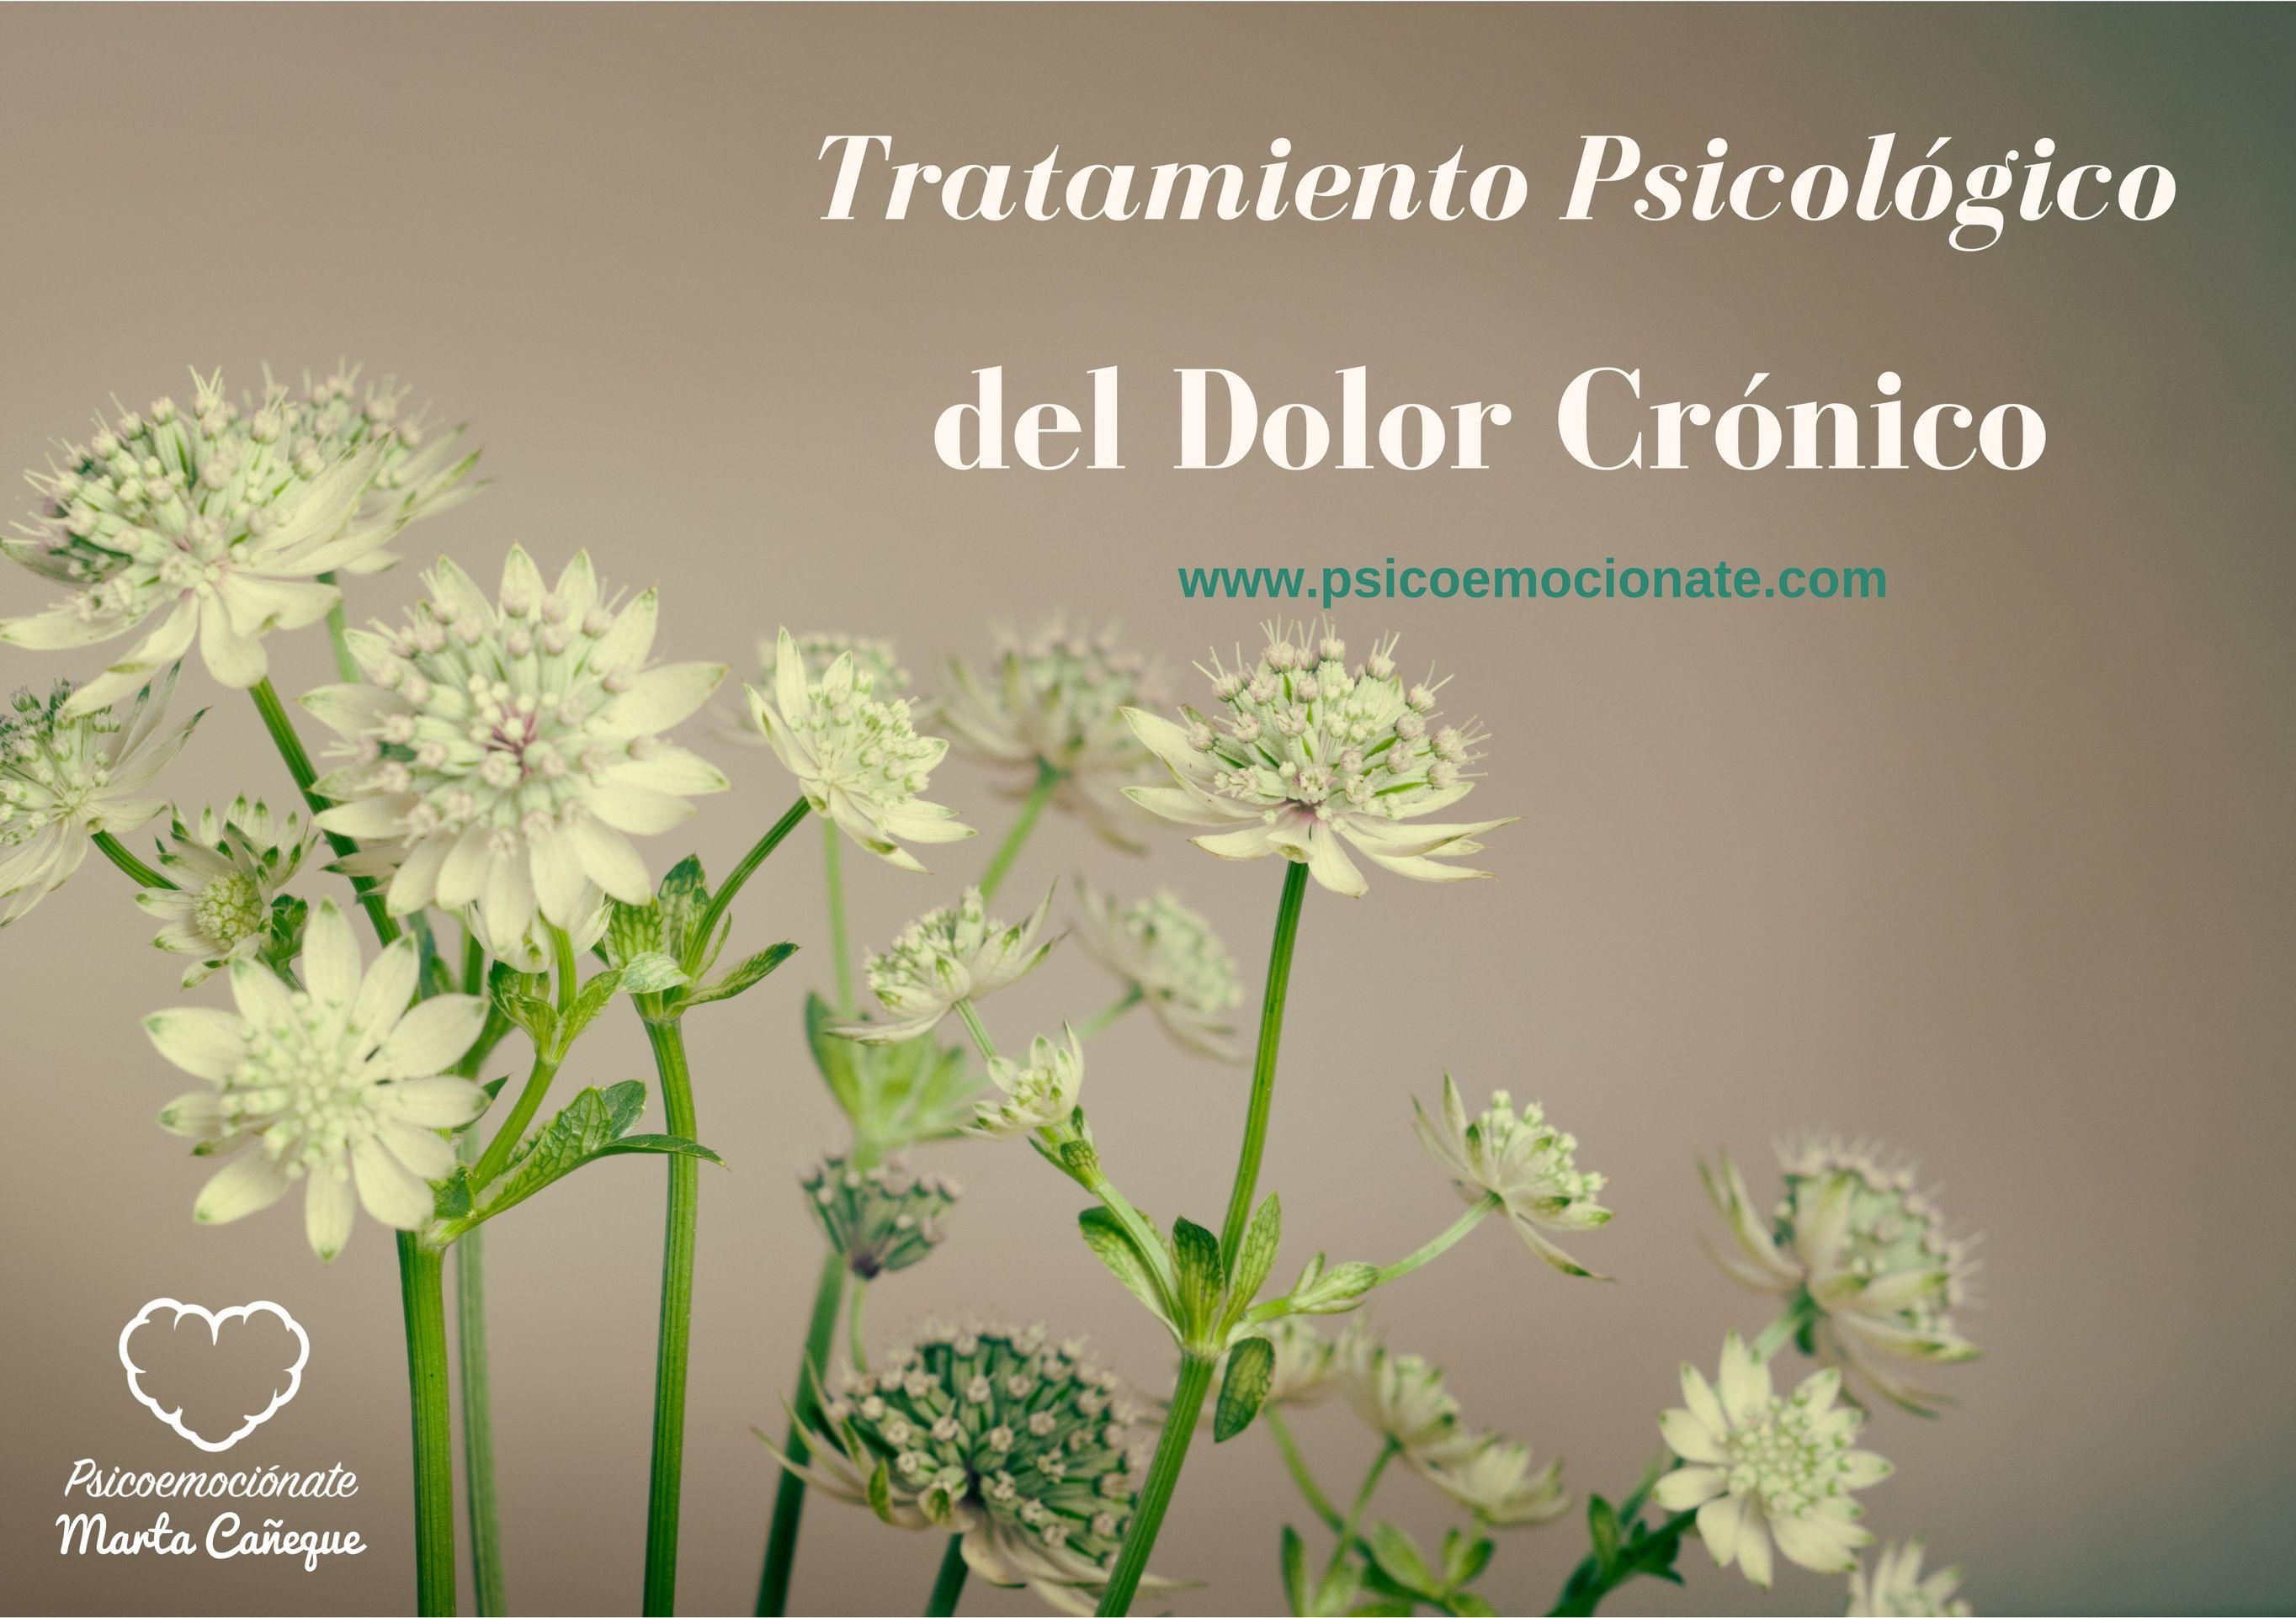 Tratamiento Psicológico Dolor Crónico psicoemocionate